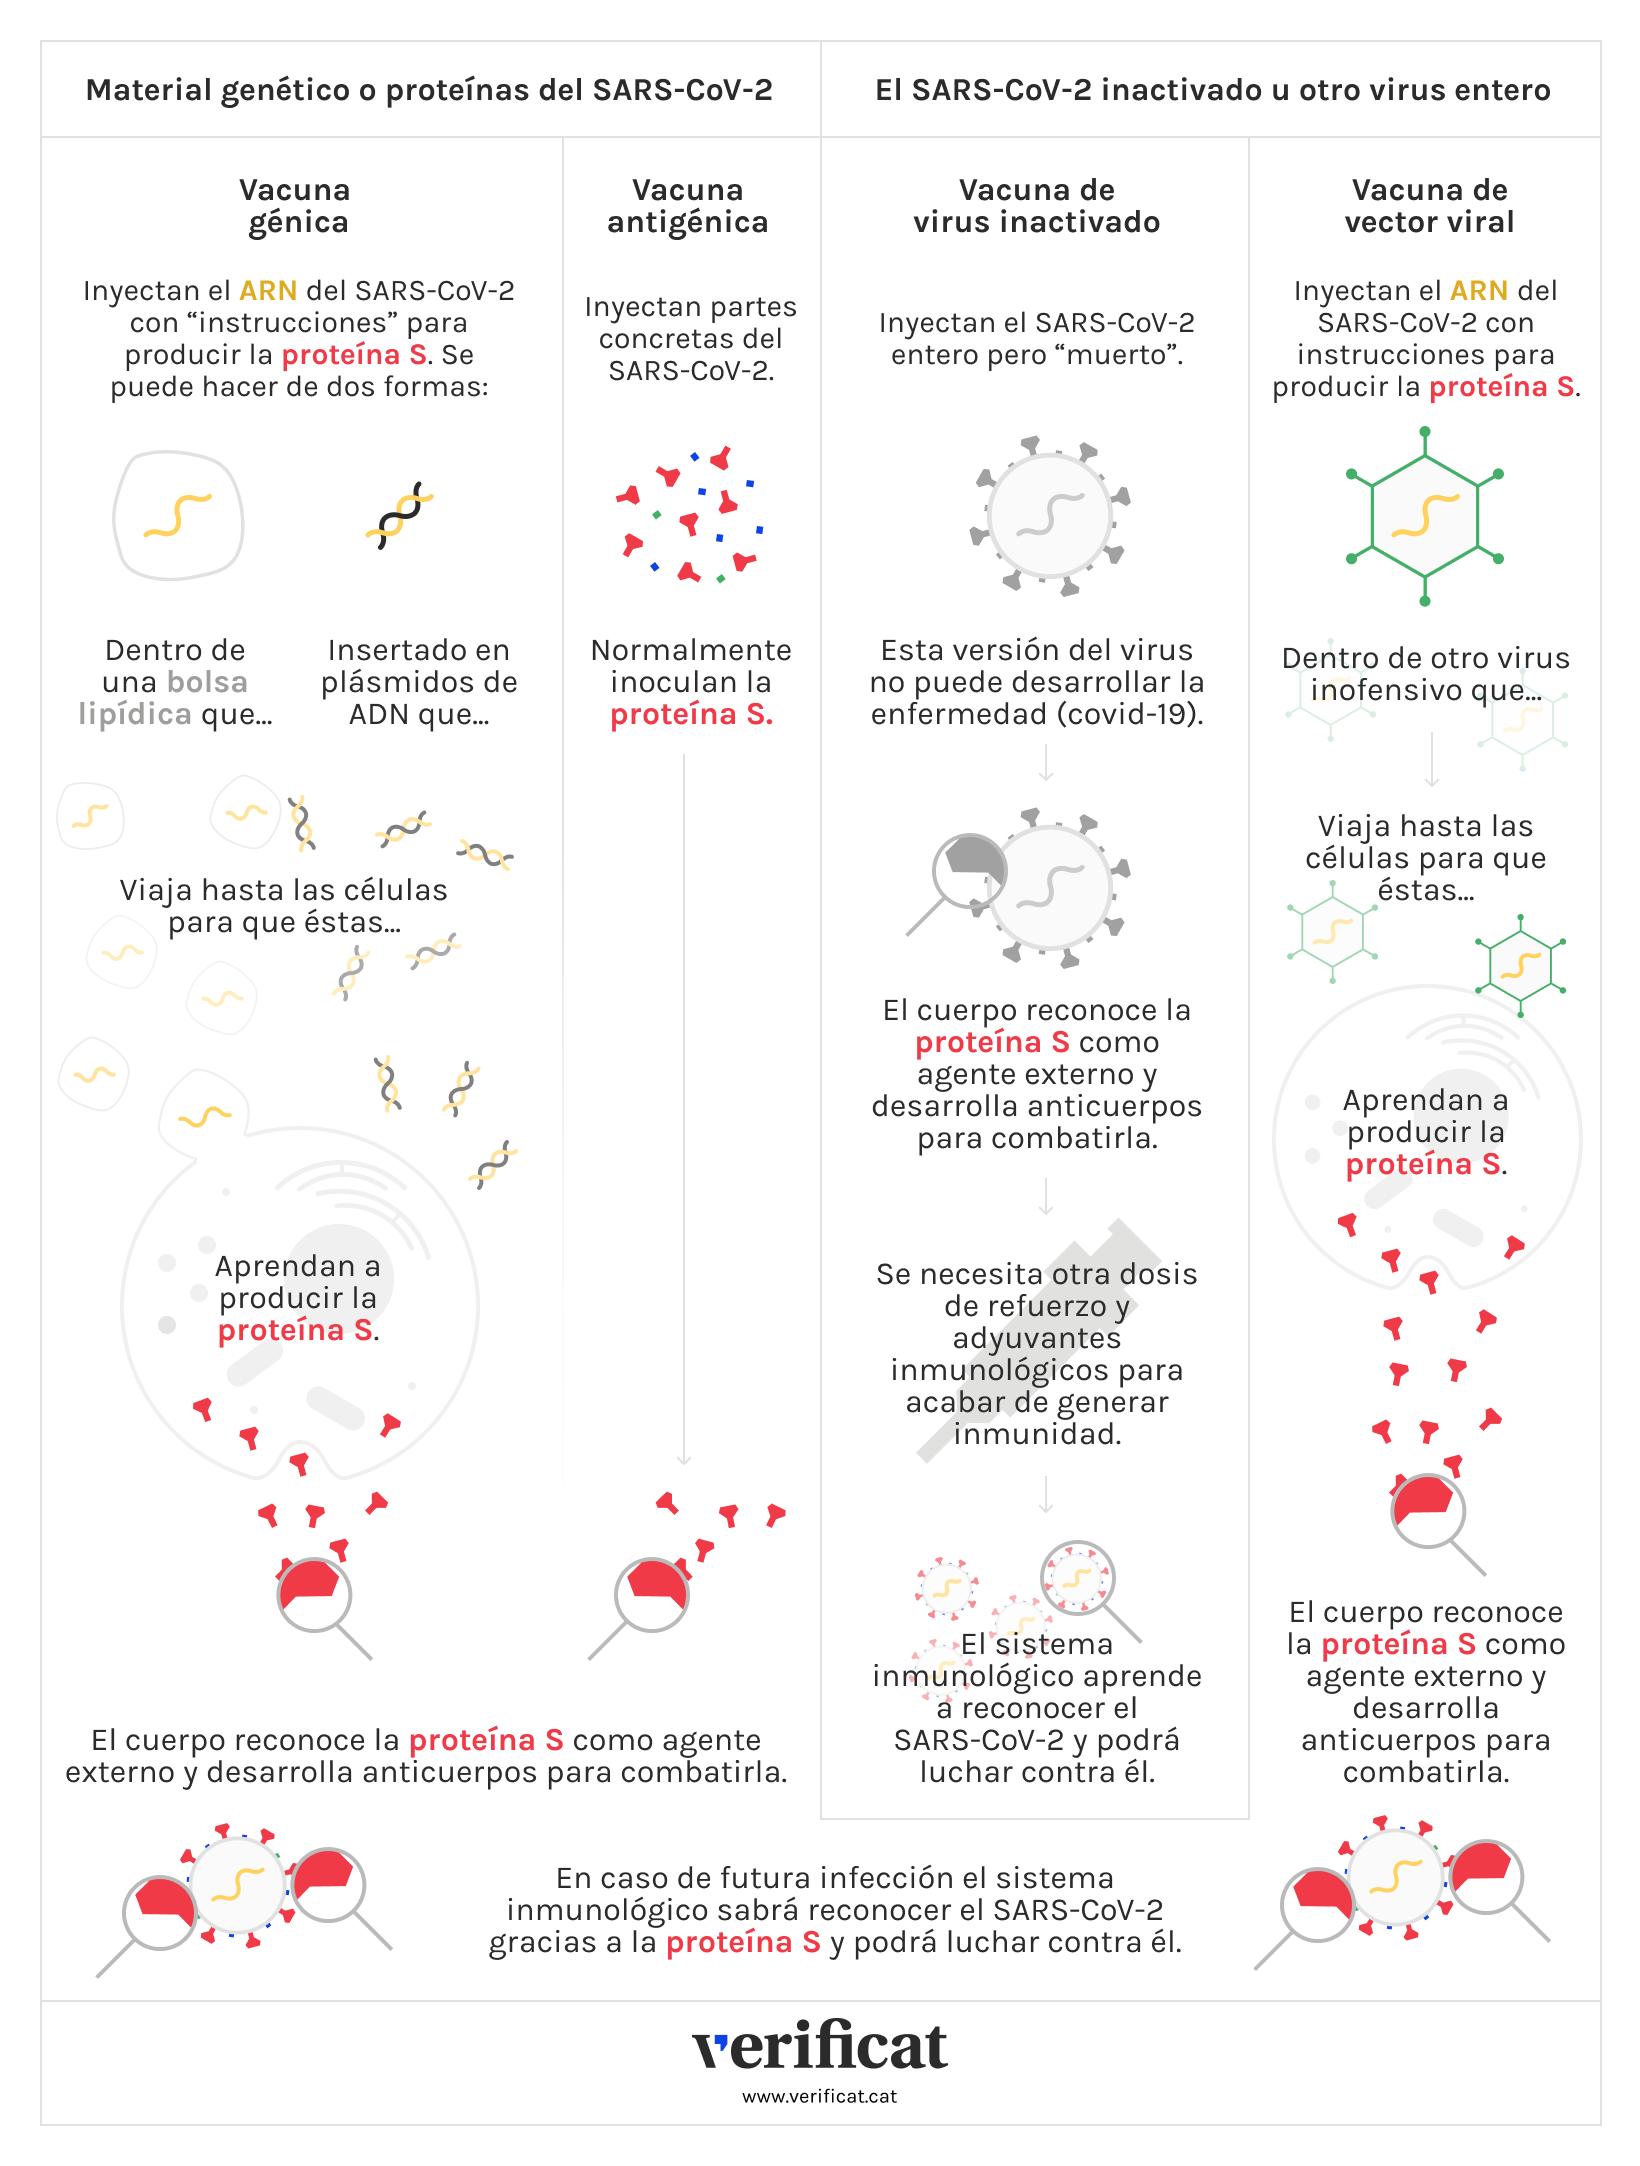 Infografía que muestra los diferentes tipos de vacunas que existen contra la covid-19